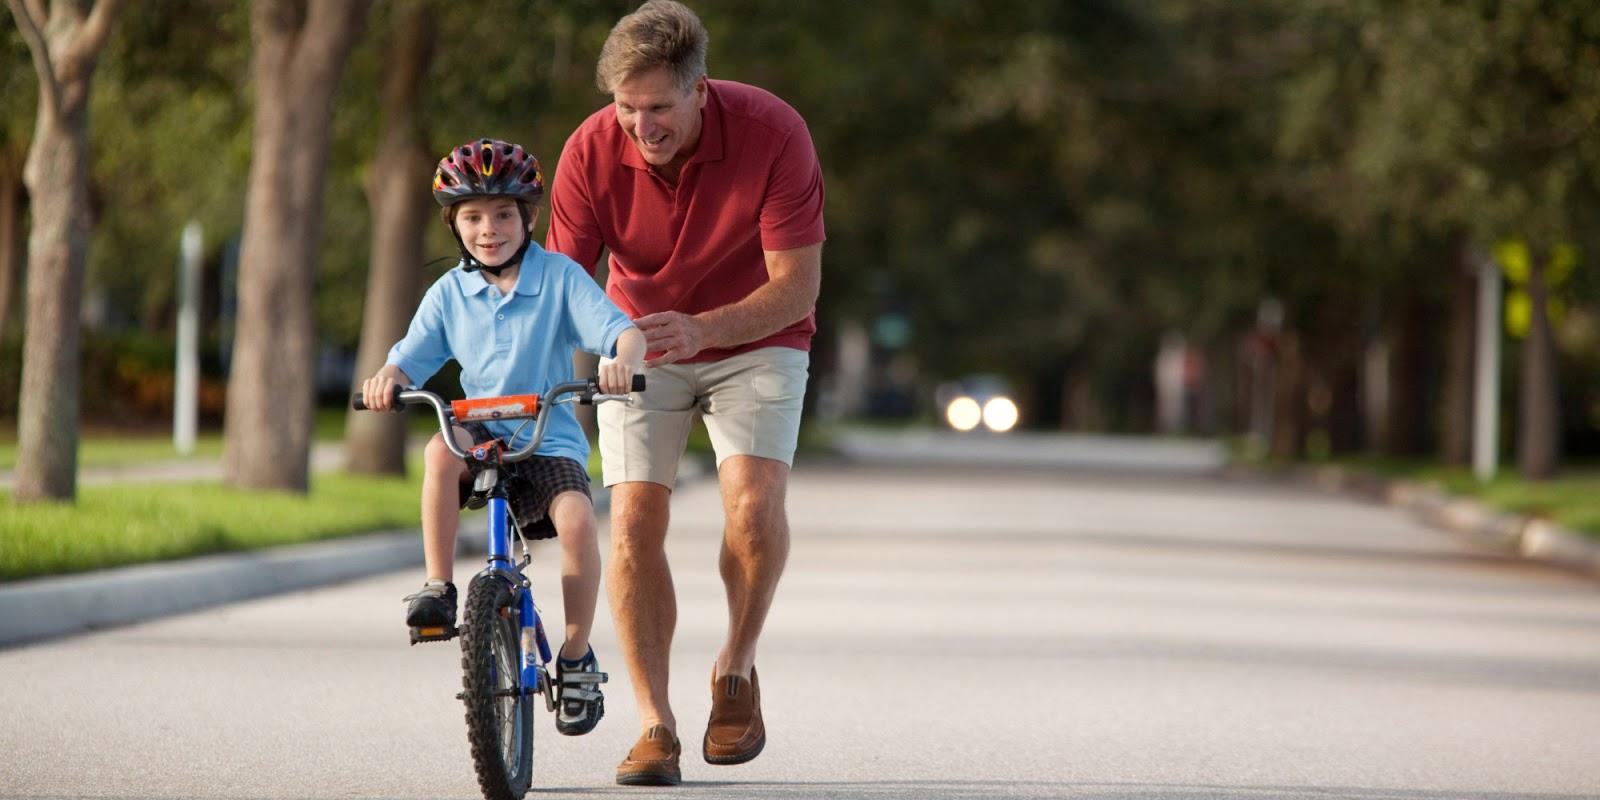 Как правильно ездить на велосипеде, чтобы не навредить здоровью